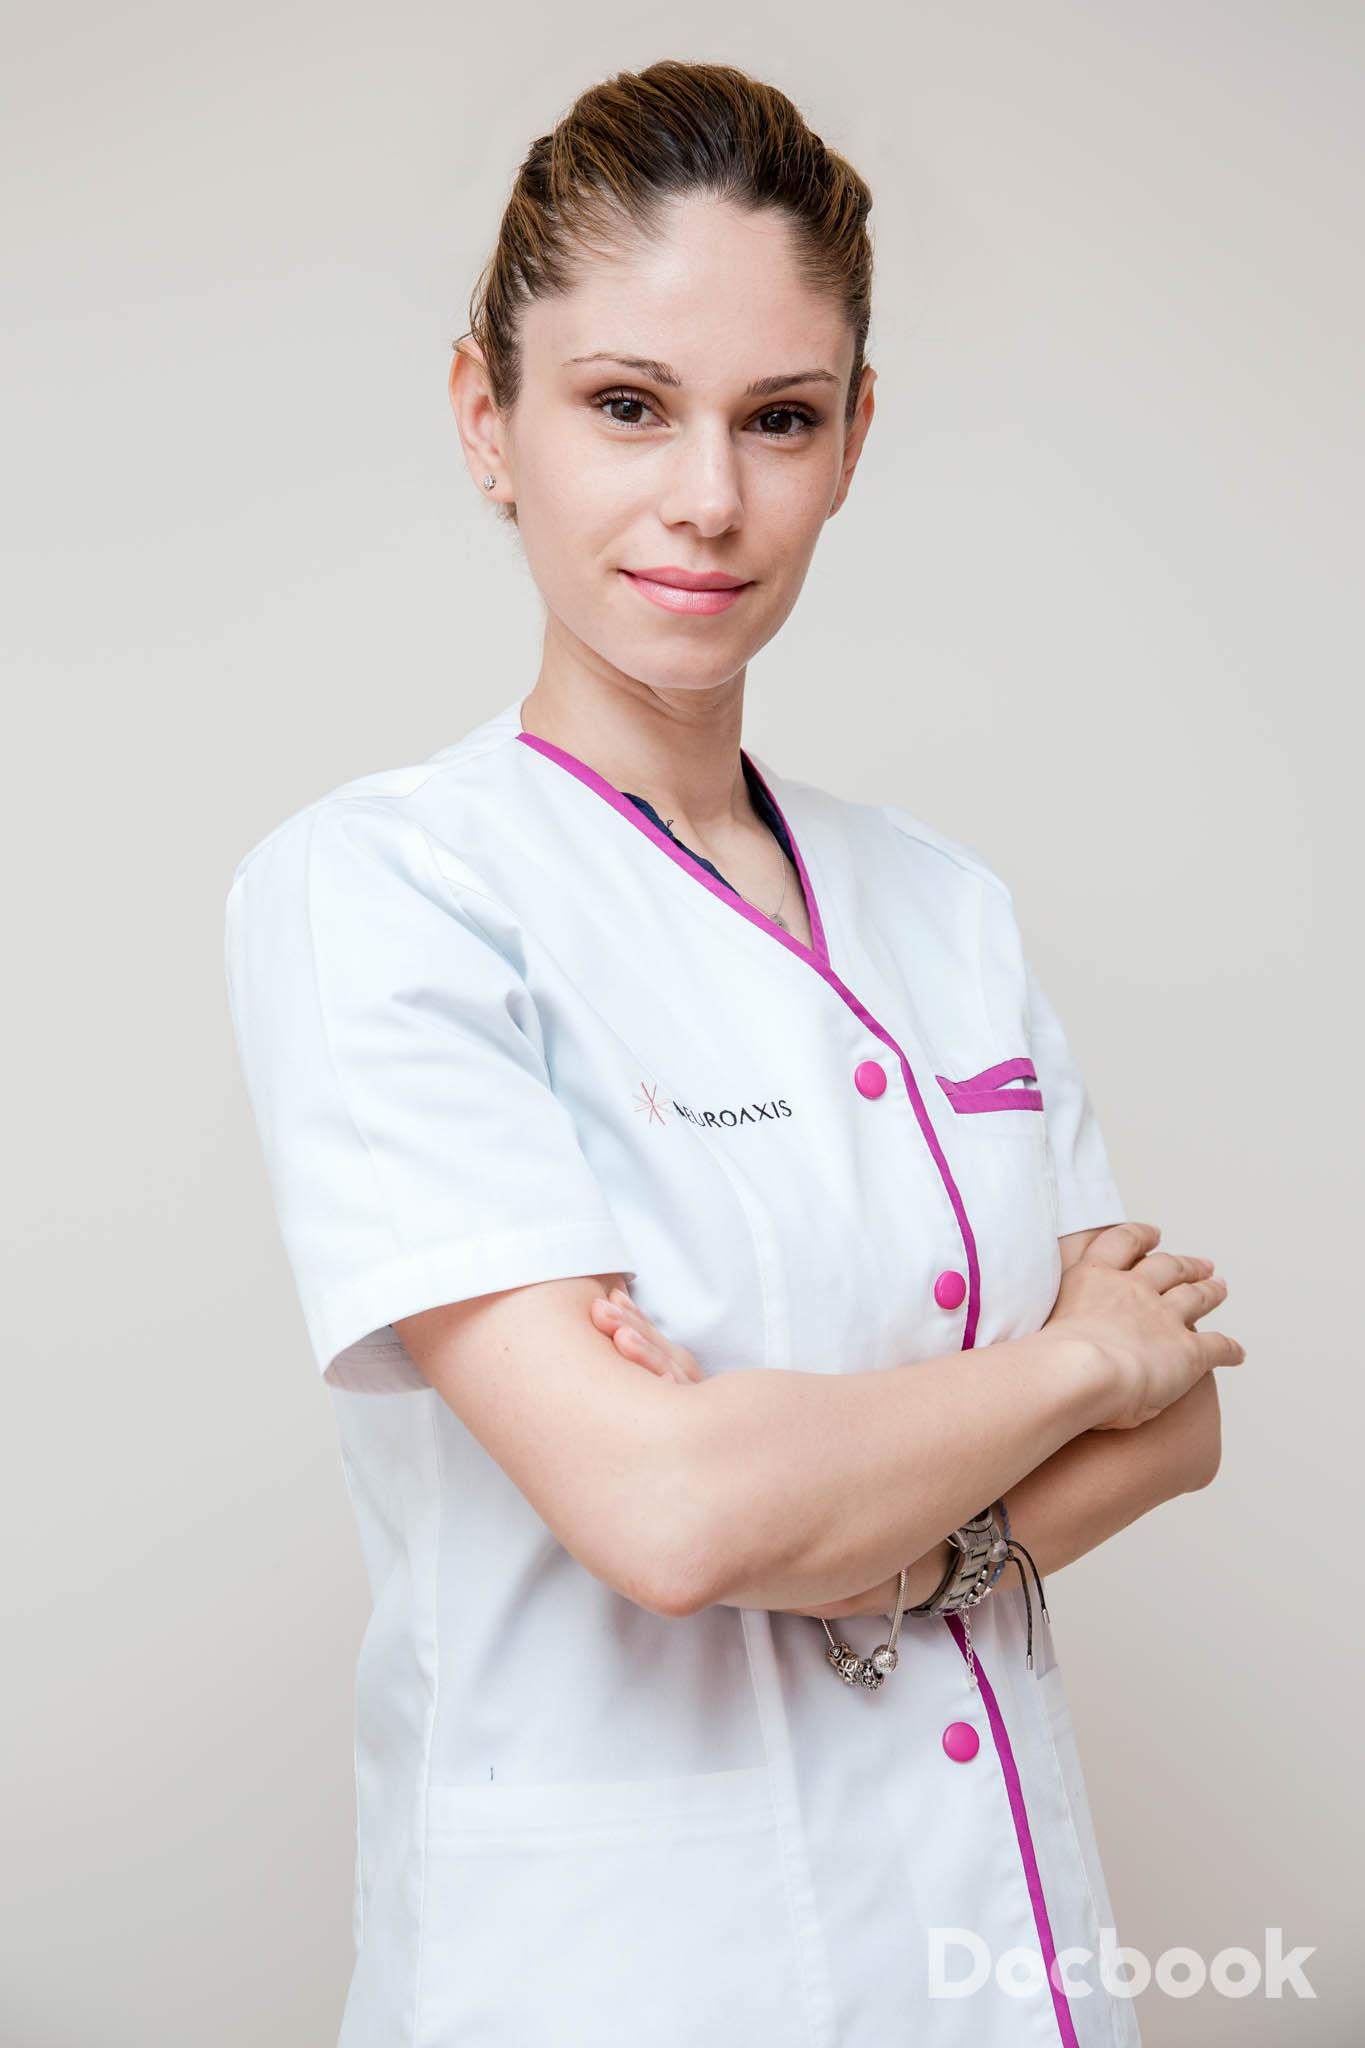 Dr. Iancu Miruna